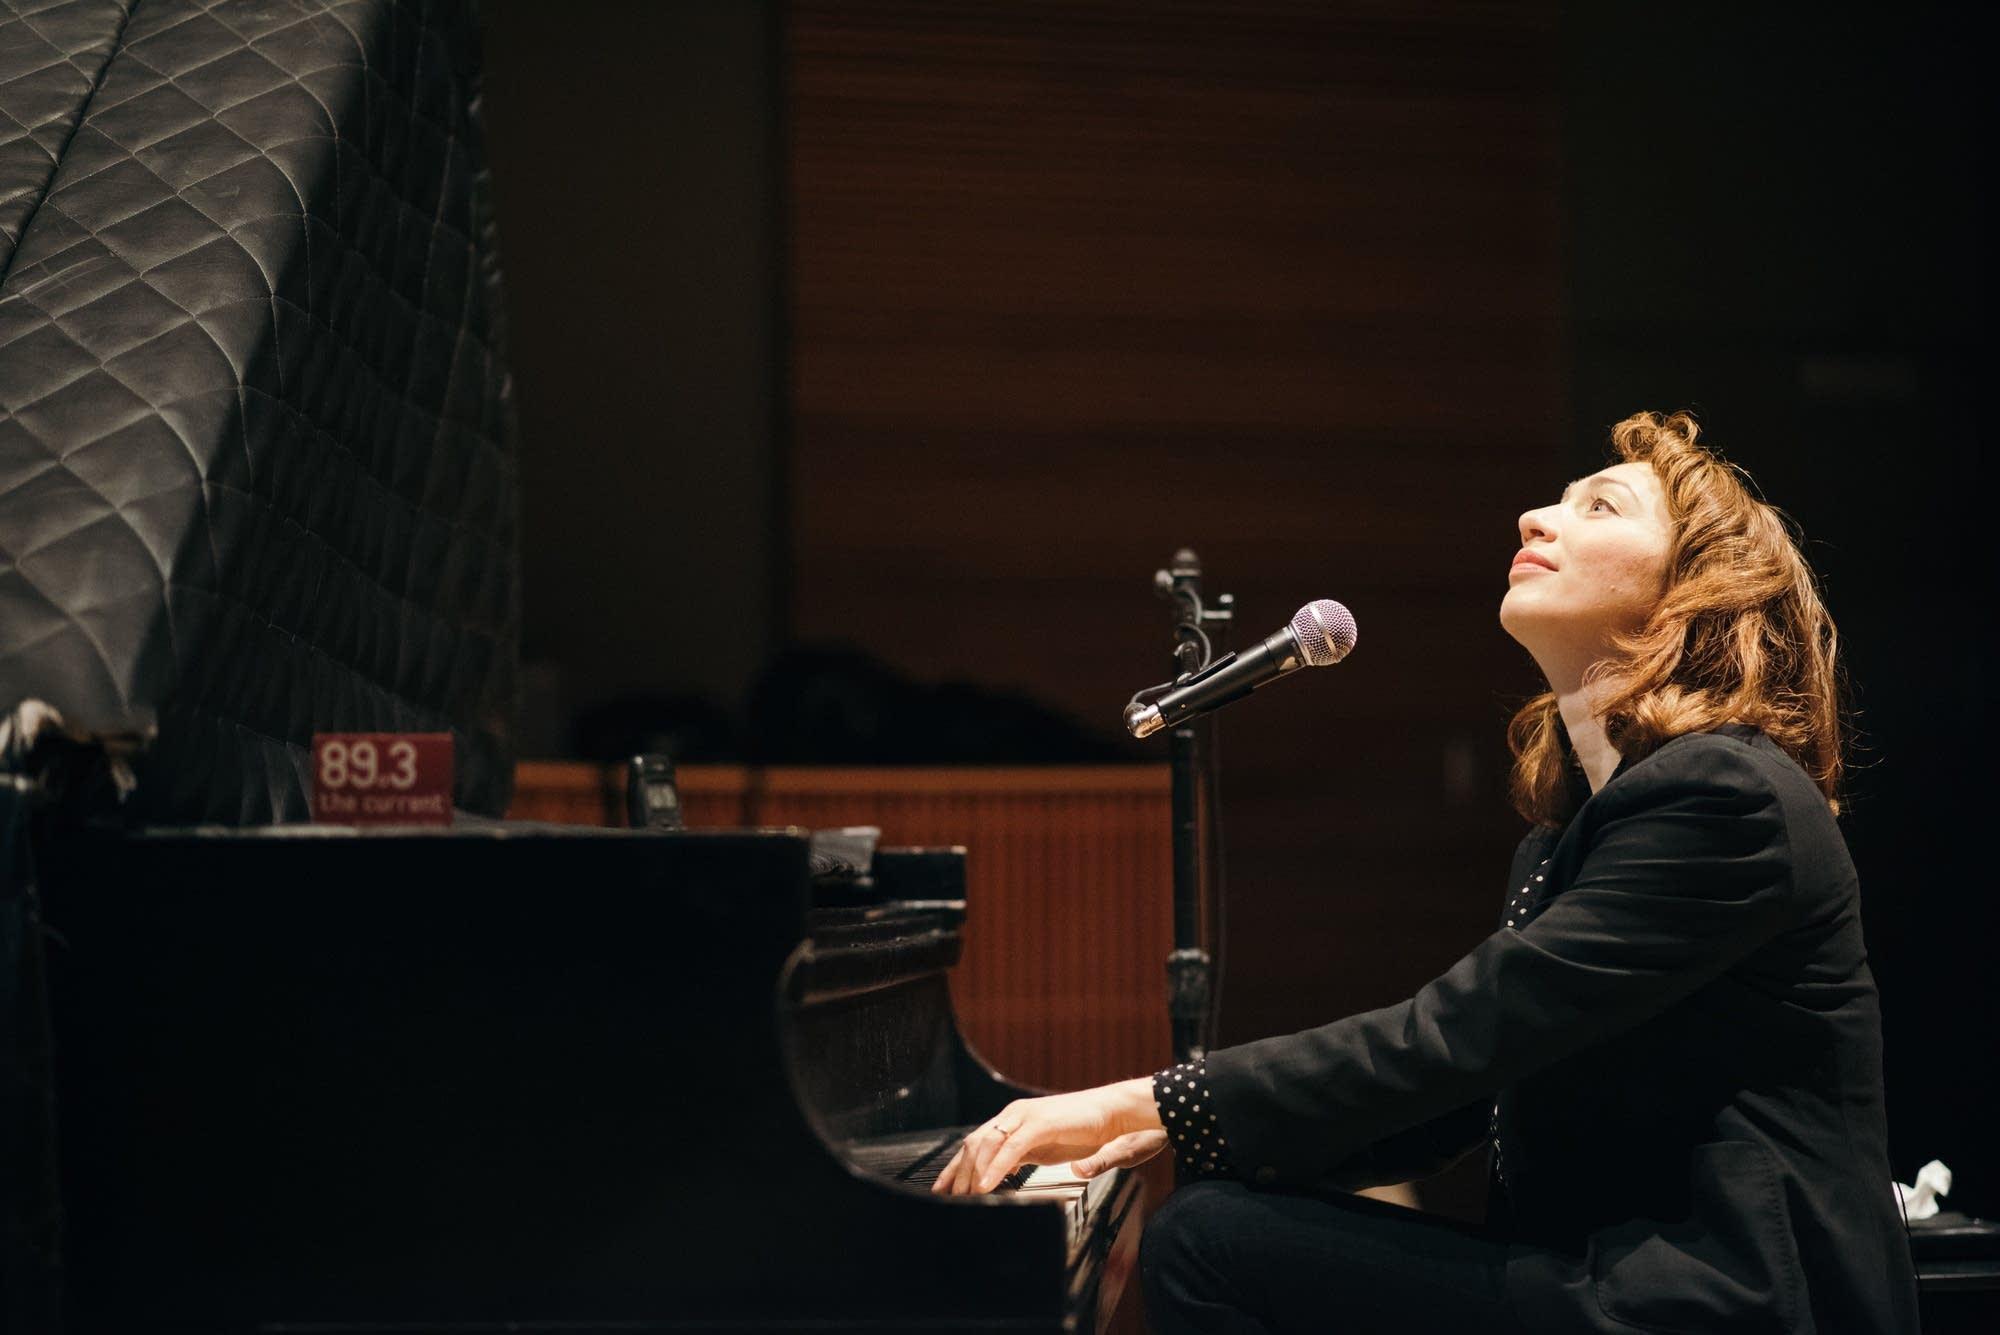 Regina Spektor in The Current studio